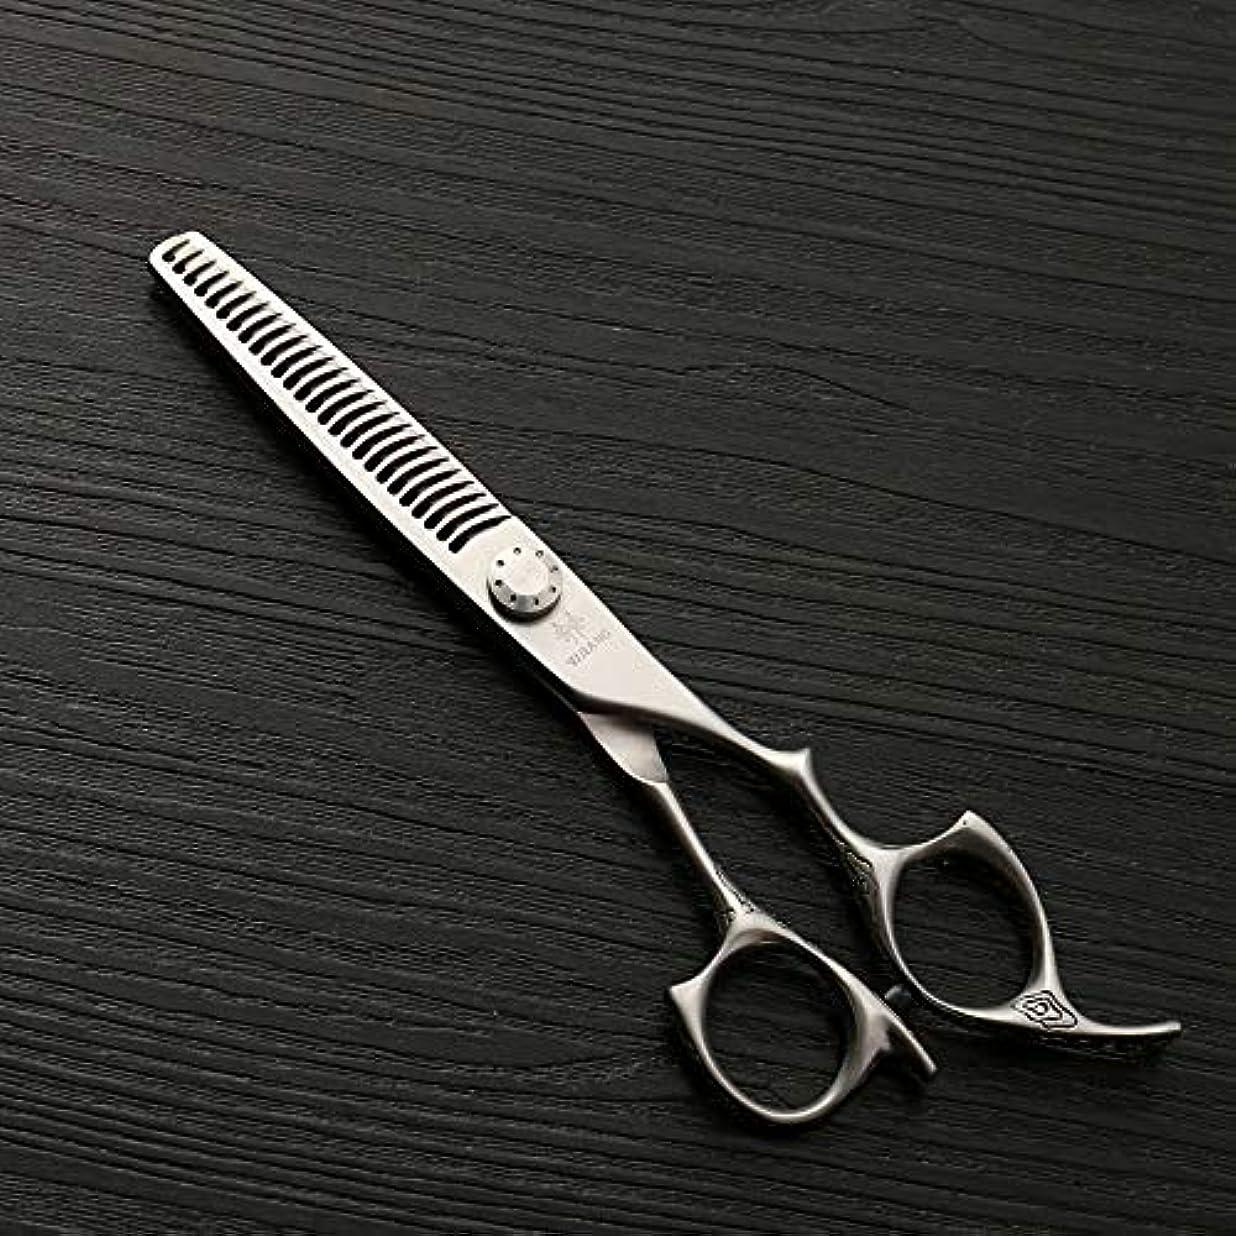 異常な召喚するブレンドHOTARUYiZi 散髪ハサミ カットバサミ セニング 散髪はさみ プロ すきバサミ ヘアカット カットシザー 品質保証 耐久性 美容院 専門カット 6インチ 髪カット (色 : Silver)